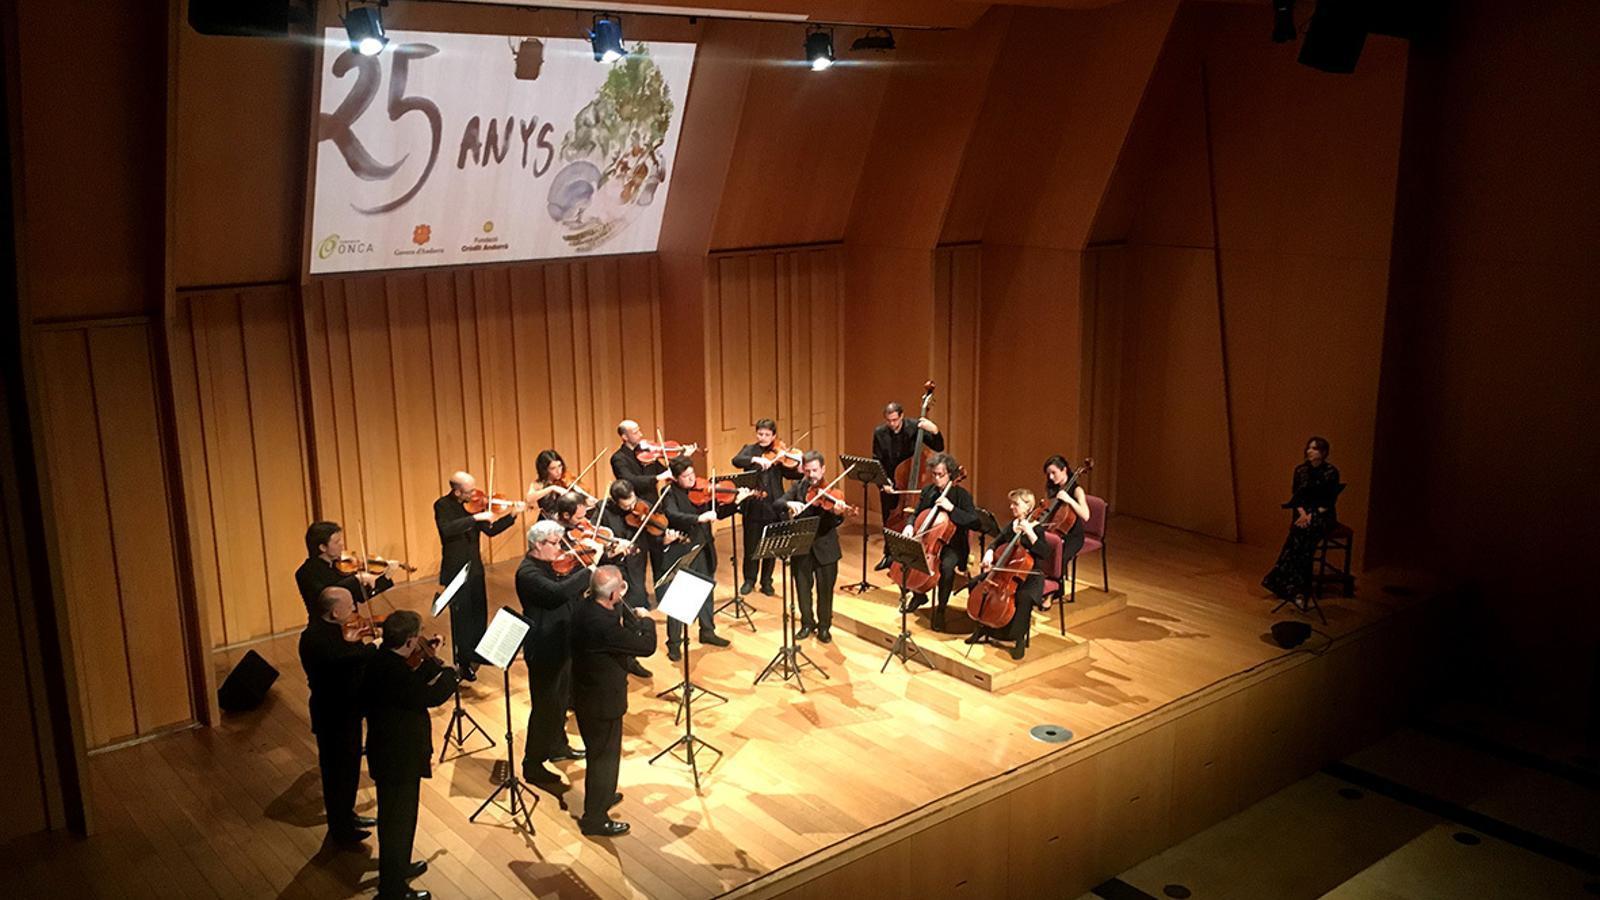 Concert de l'ONCA. / FUNDACIÓ ONCA